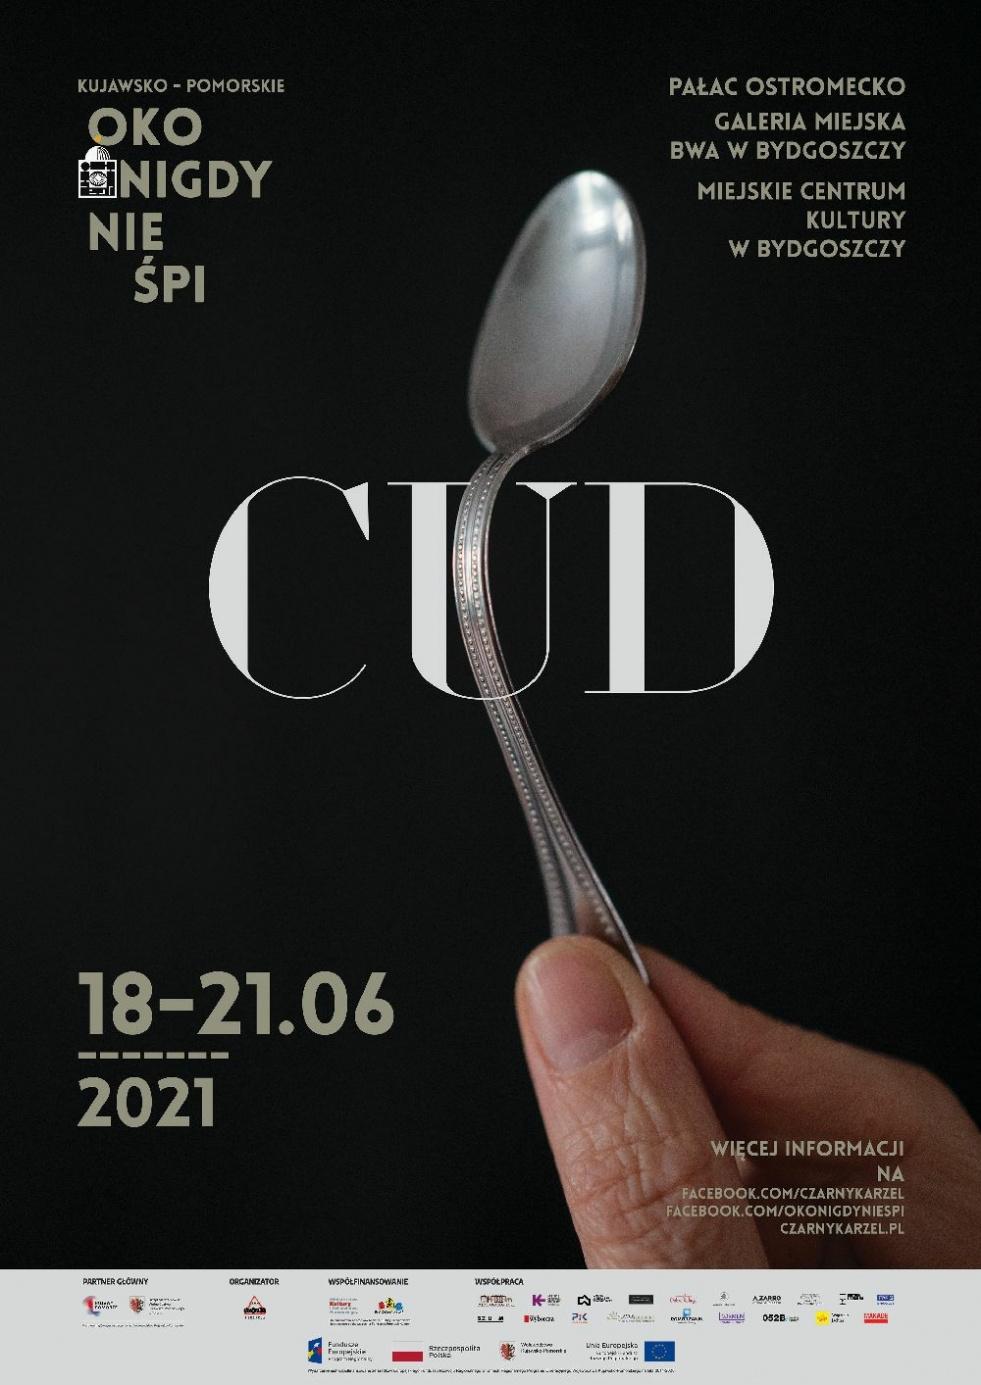 Już od piątku kolejna edycja Festiwalu OKO NIGDY NIE ŚPI